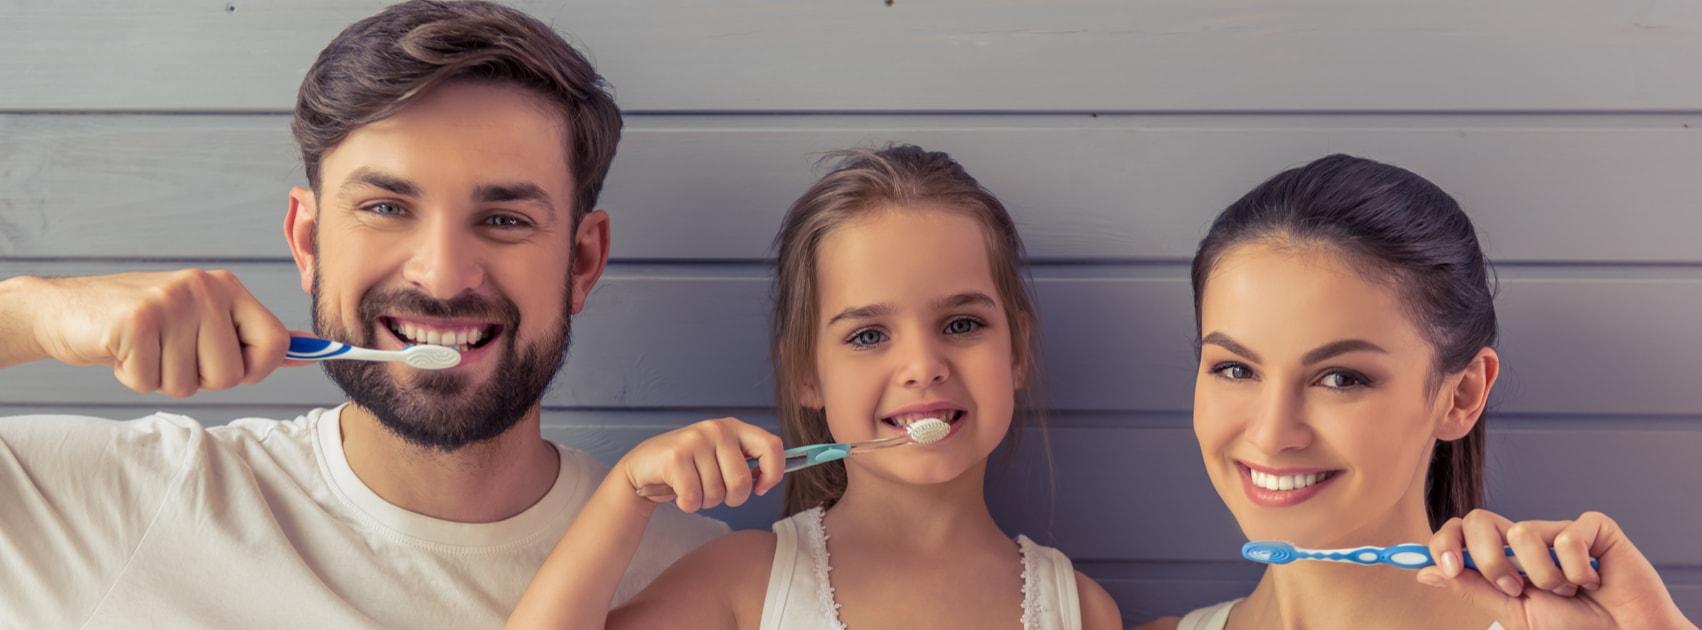 Seguro Dental Familia Adeslas Desde 10 50 Aseguramossalud